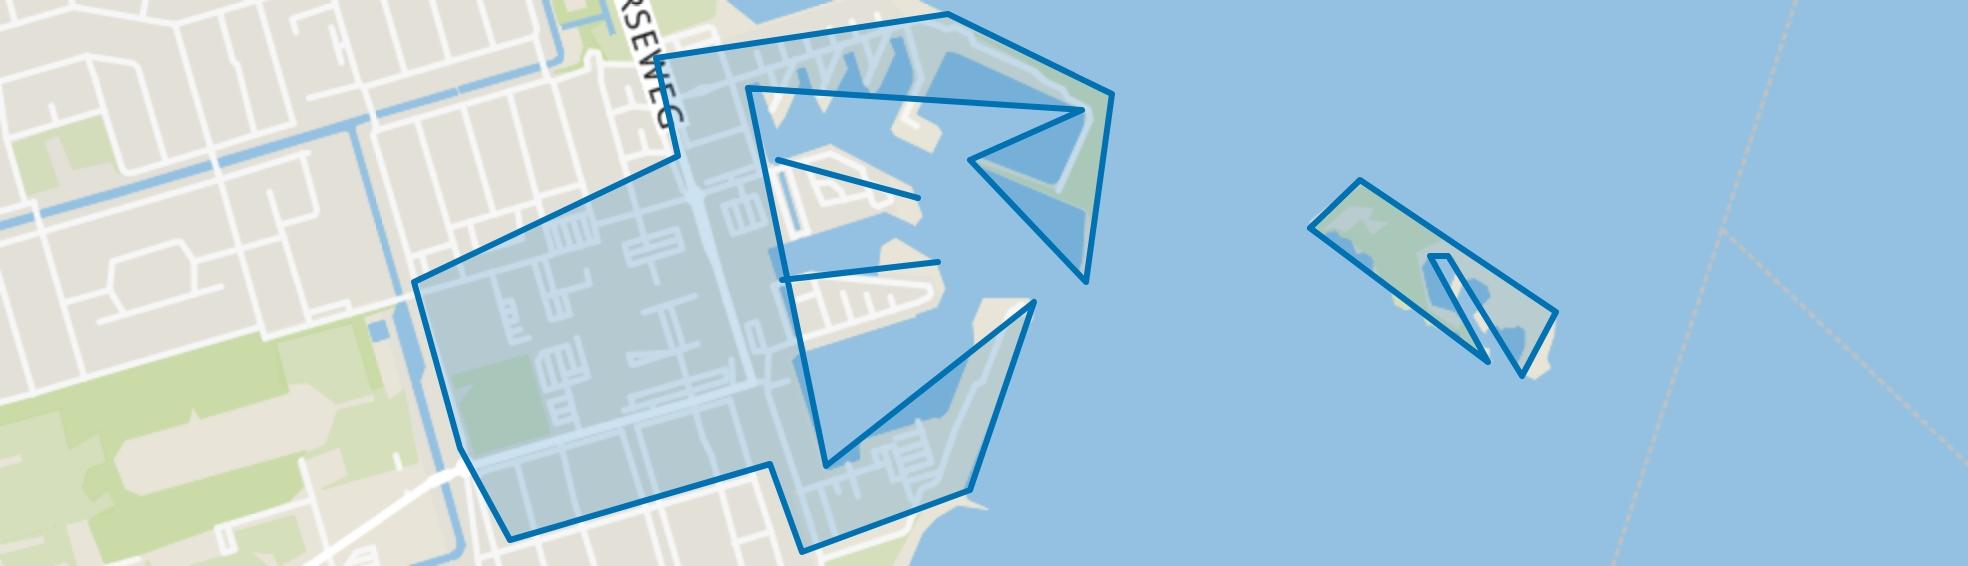 Centrum, Zeewolde map